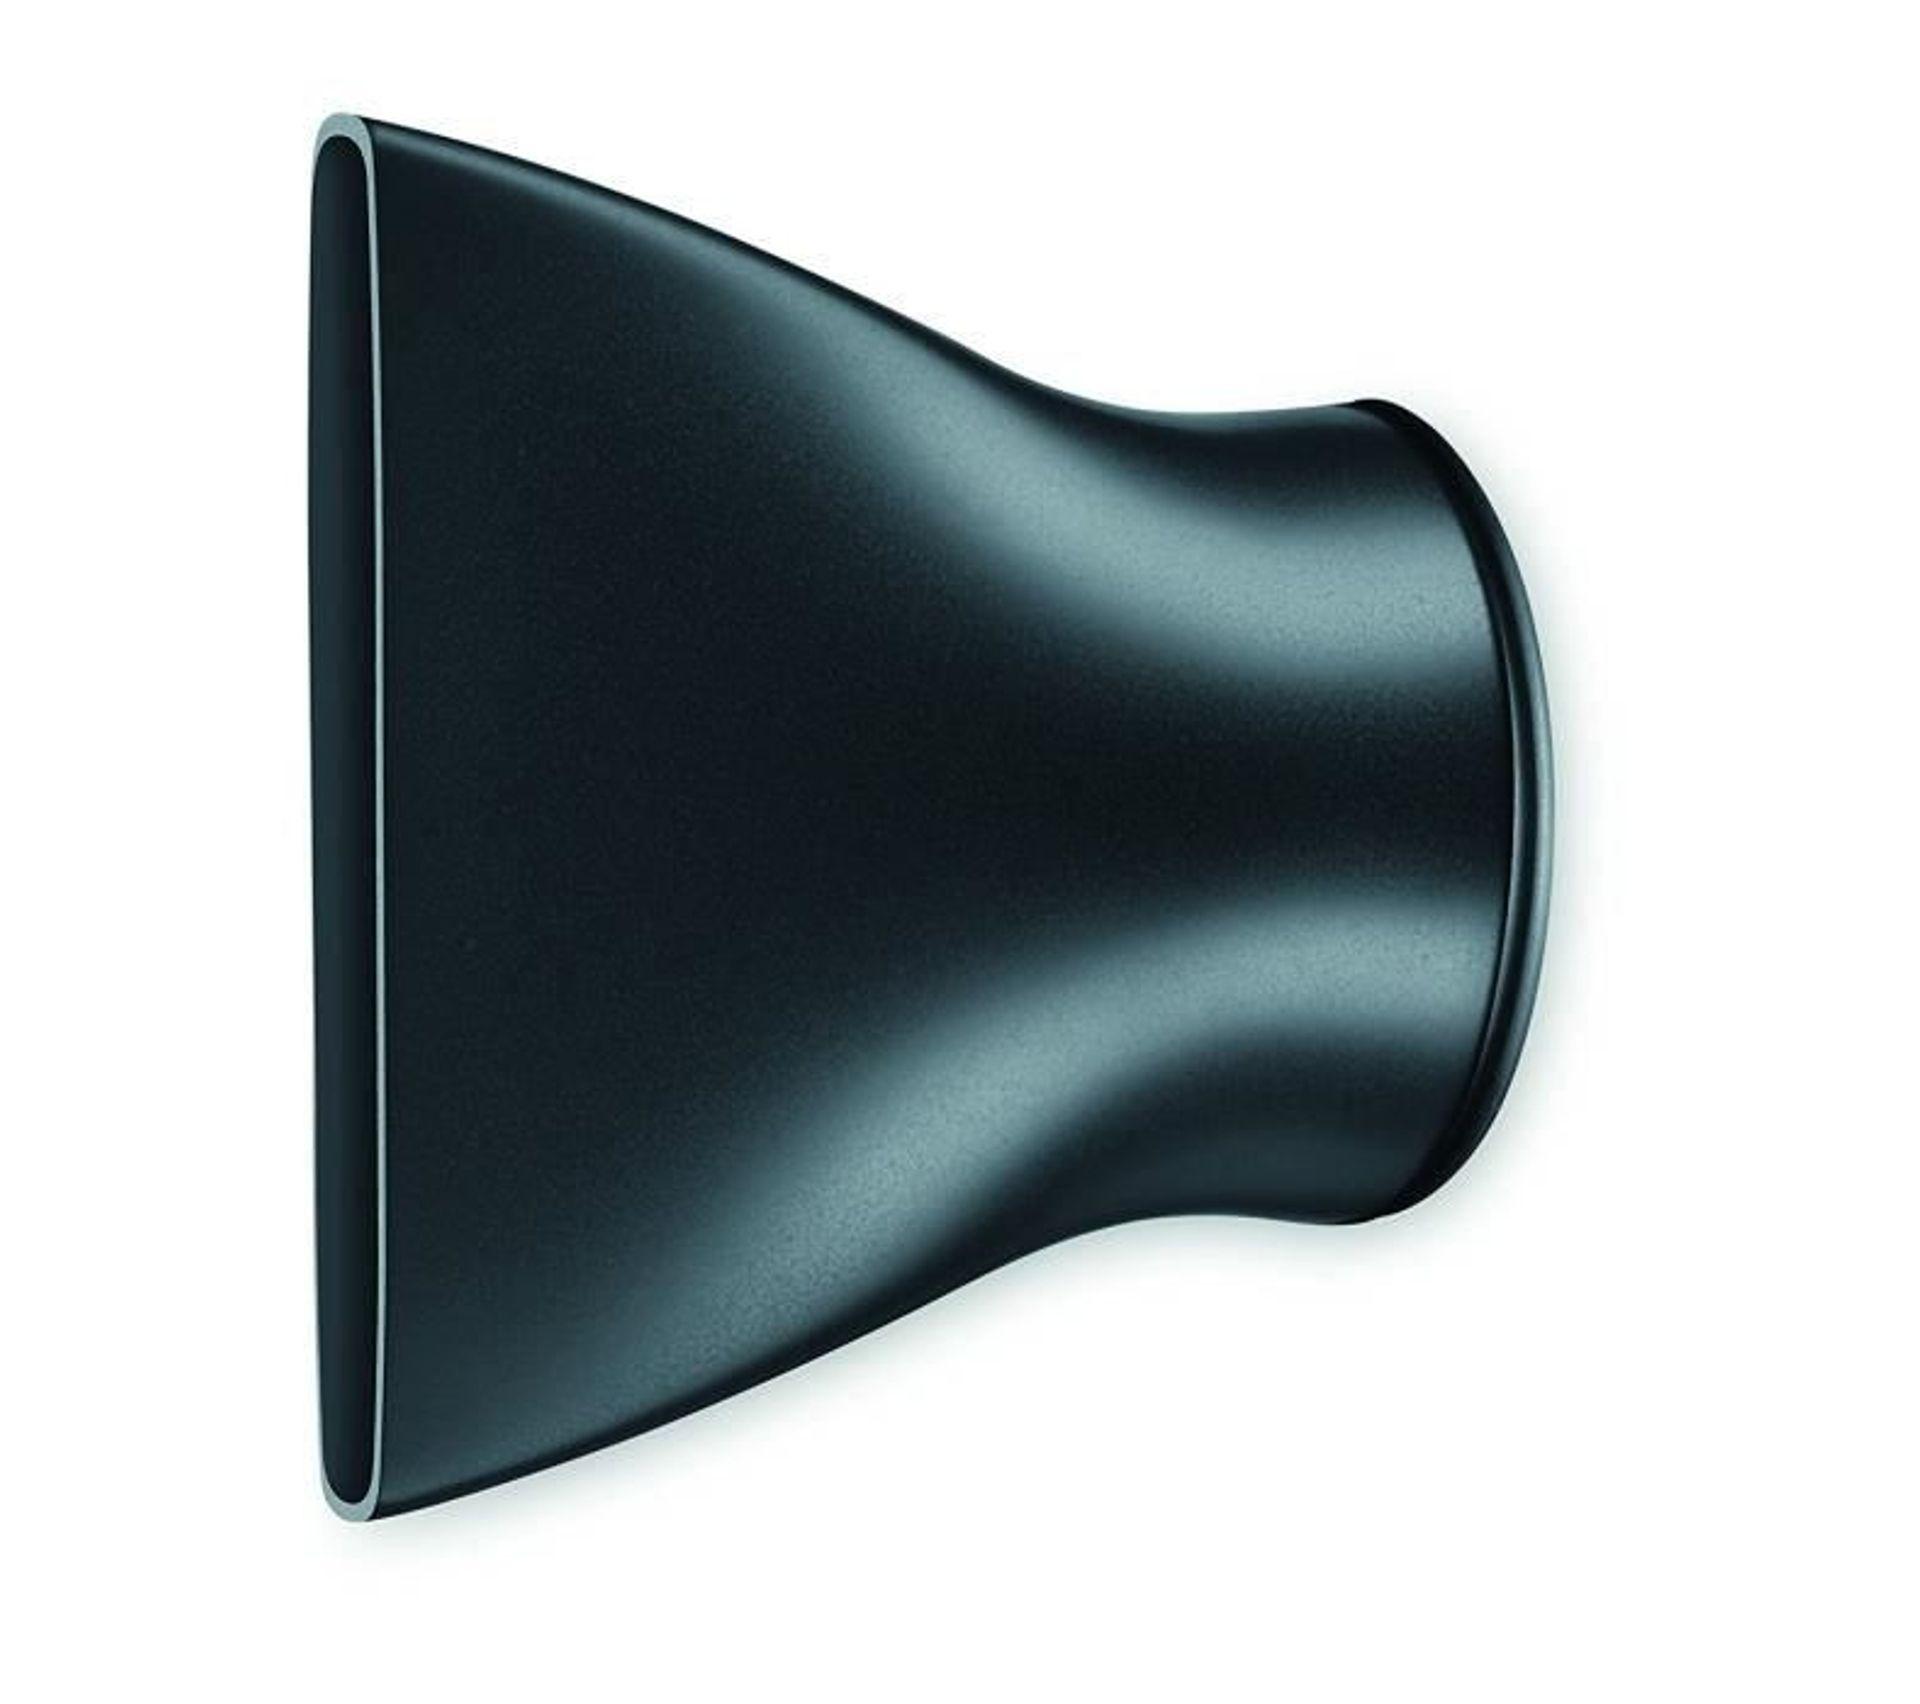 Sèche cheveux 2200w Ionic Noir Hc55